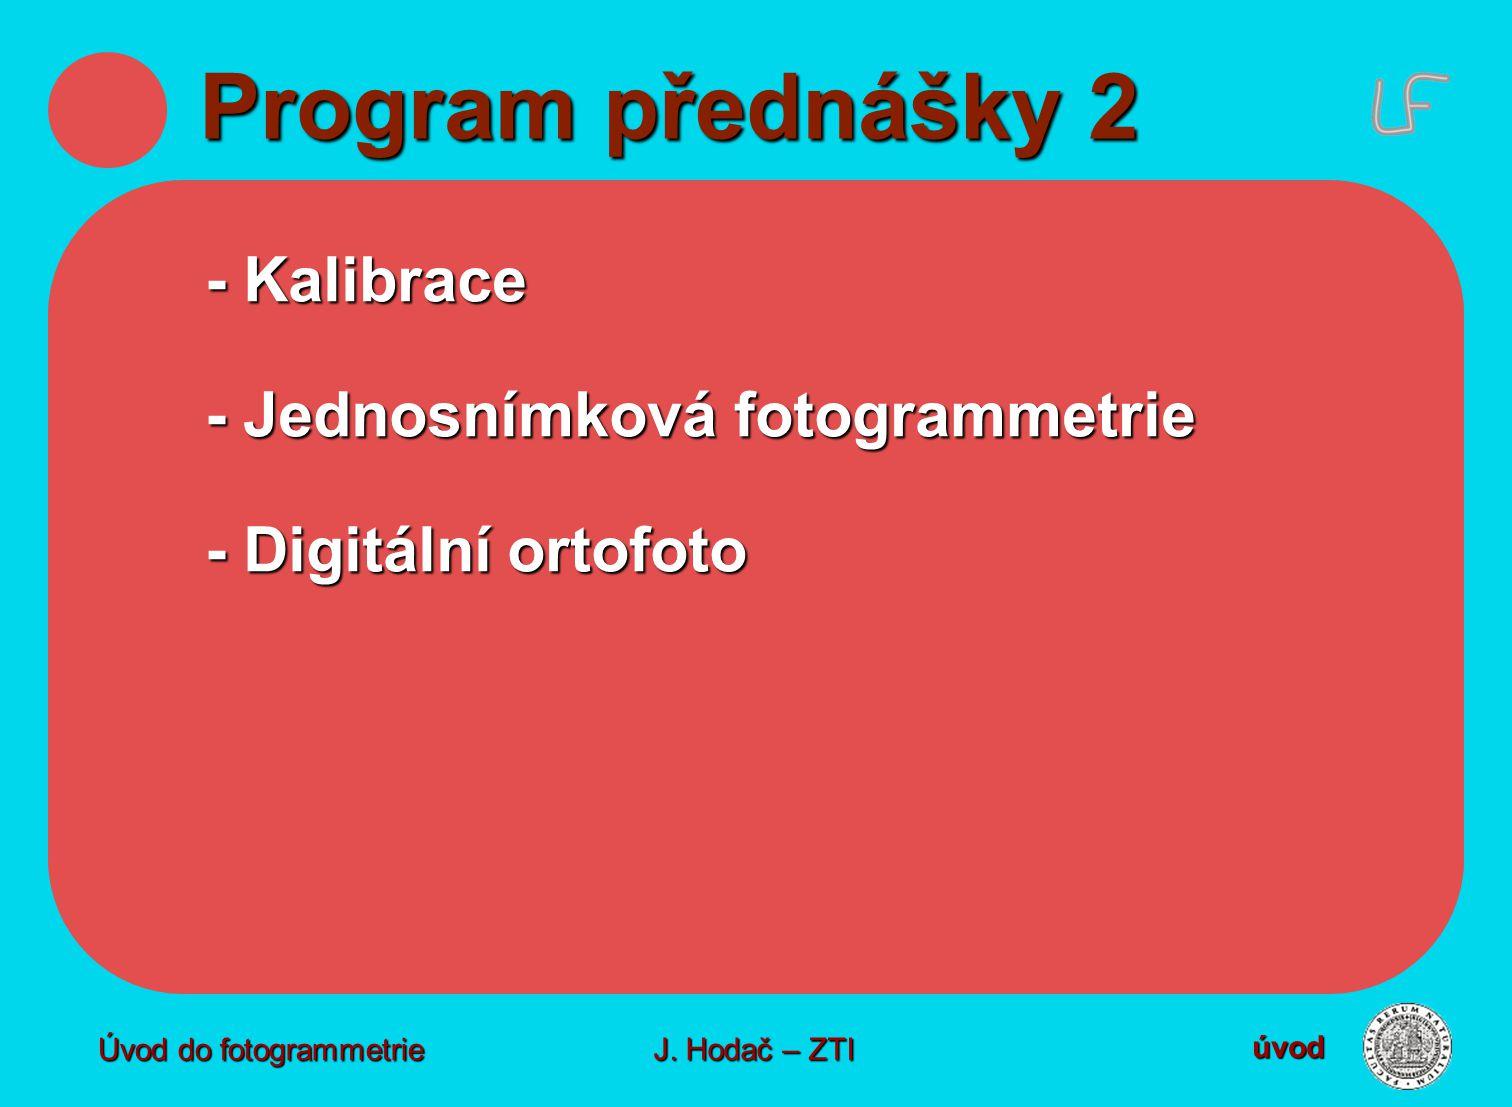 Program přednášky 2 - Kalibrace - Jednosnímková fotogrammetrie